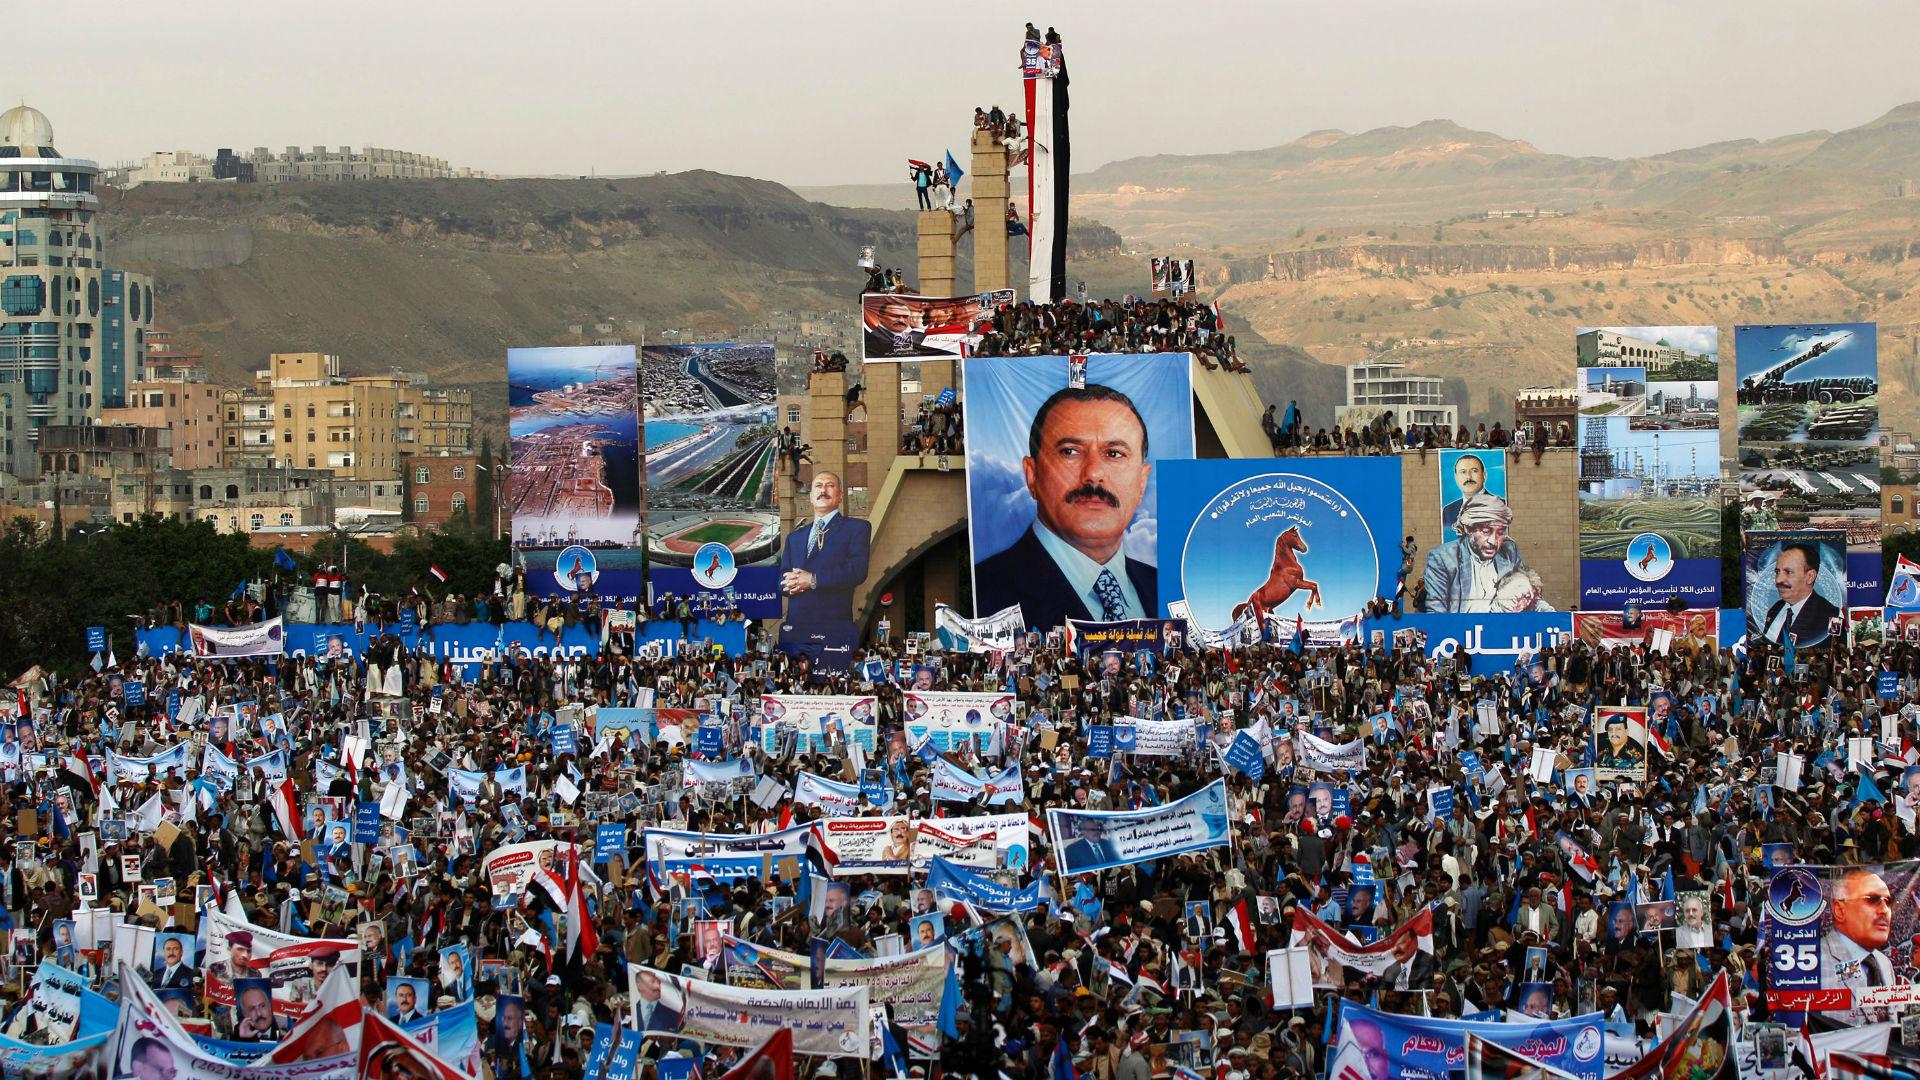 Демонстрация сторонников президента бывшего президента Йемена Салеха в Сане, август 2017 года.